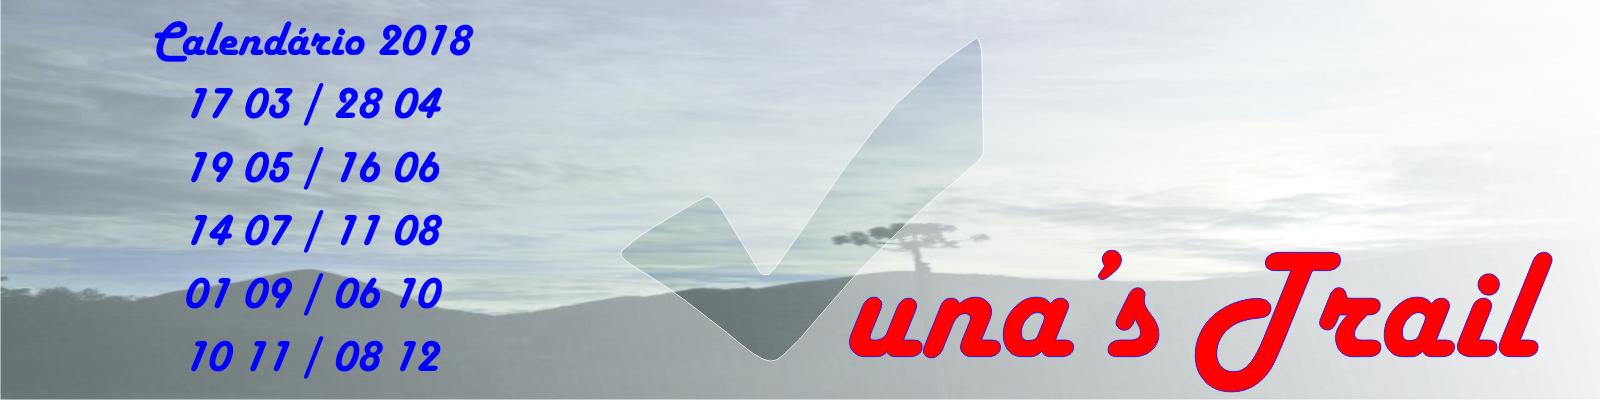 VUNA'S TRAIL - Imagem de topo